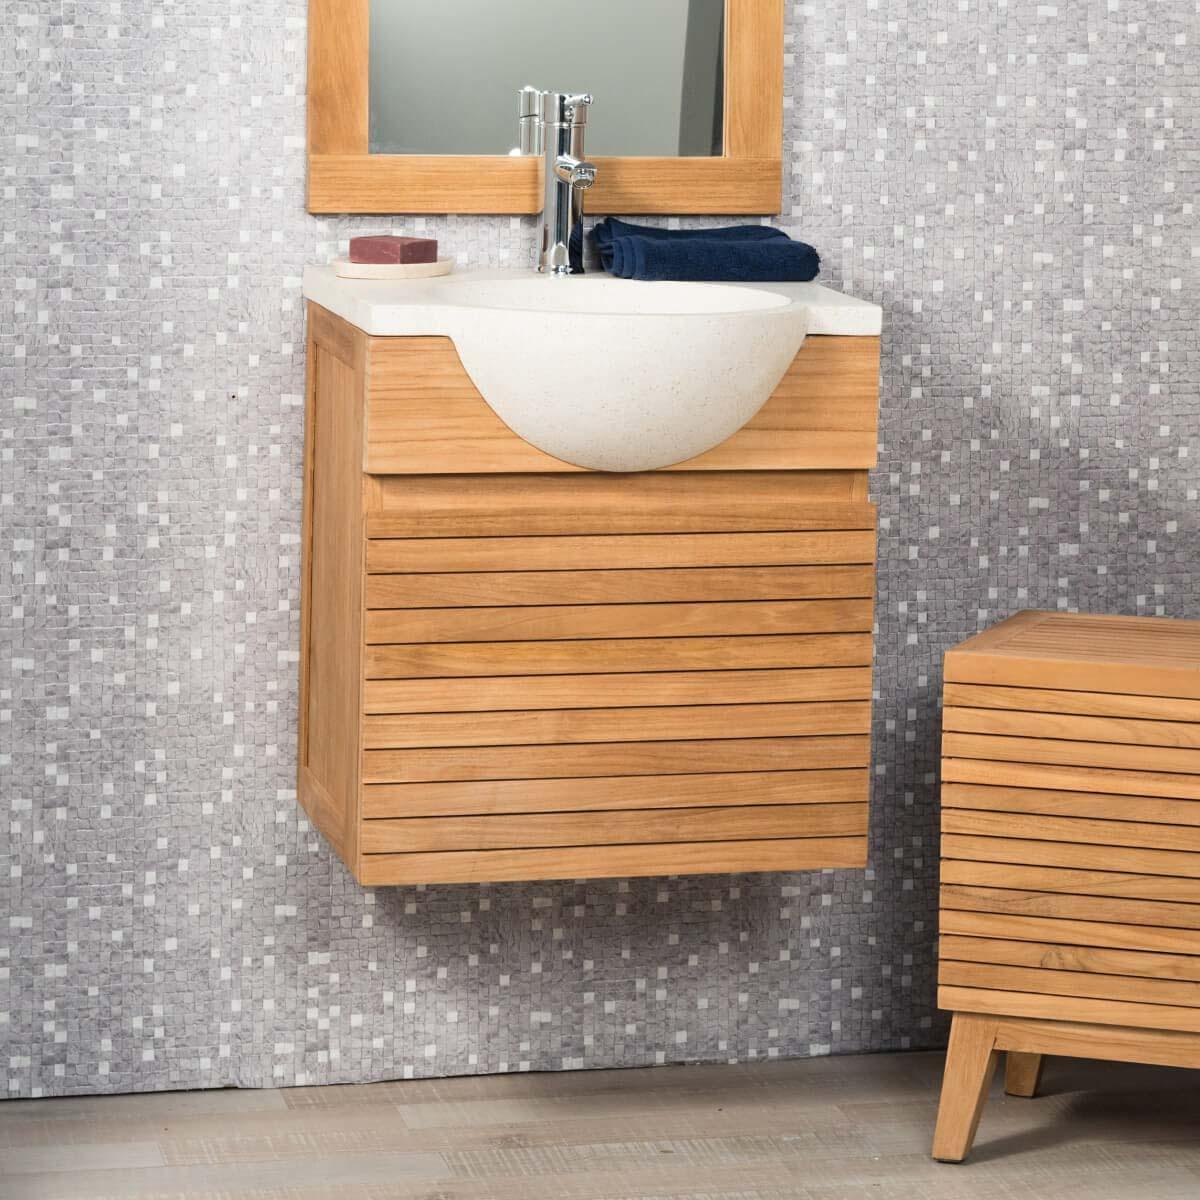 Wanda Collection Meuble salle de bain suspendu avec vasque teck 50 CONTEMPORAIN crème